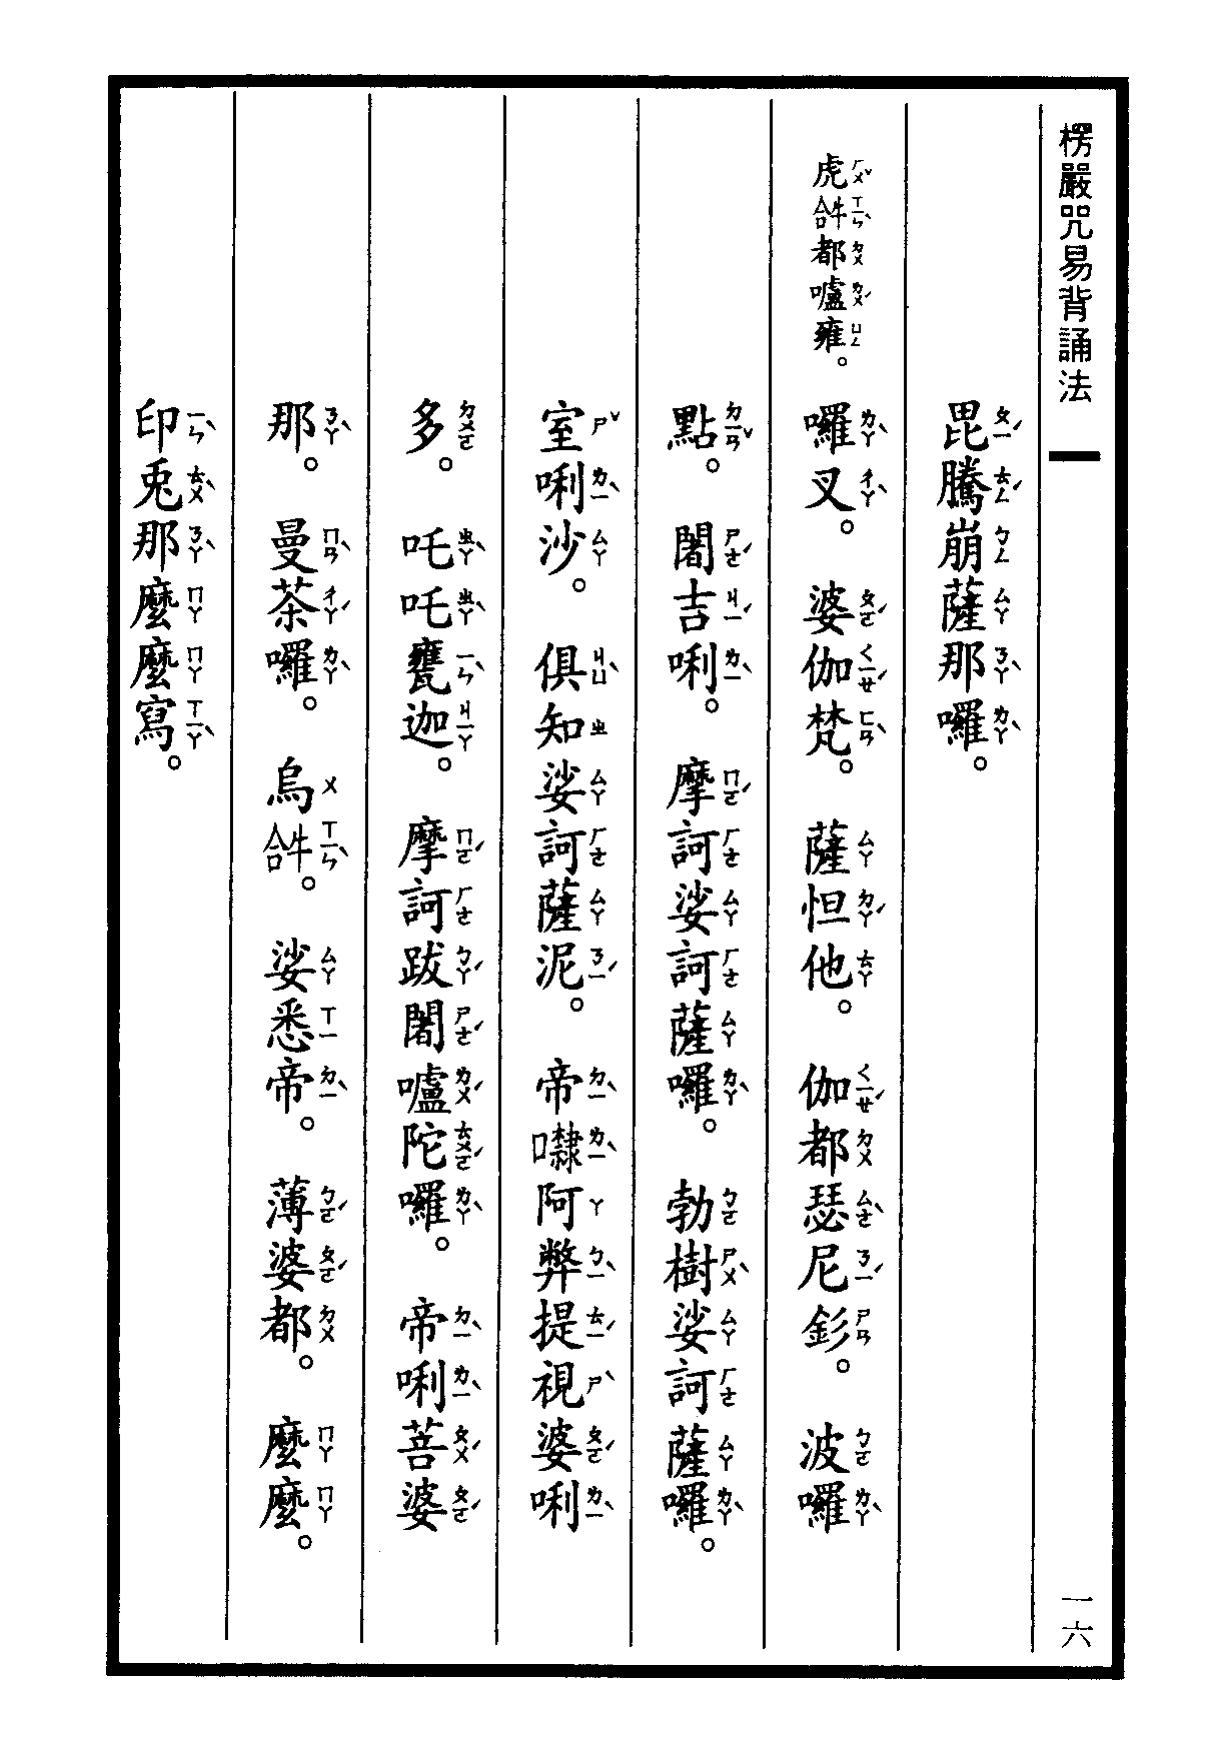 楞嚴咒-大悲咒-十小咒-易背本 22.png